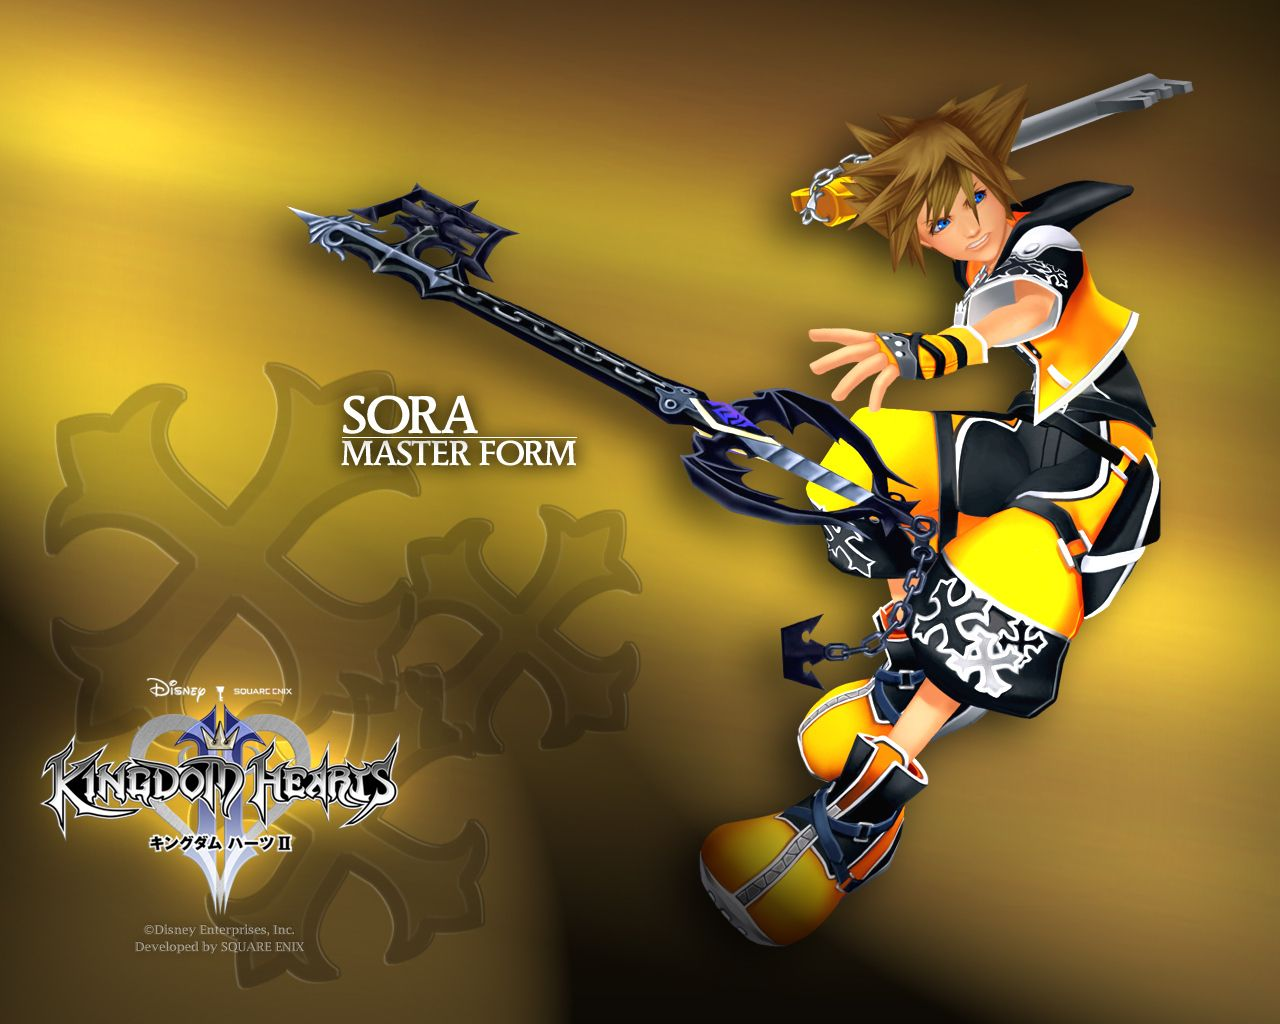 Kingdom Hearts Sora Master Form | Kingdom Hearts Sora | Pinterest